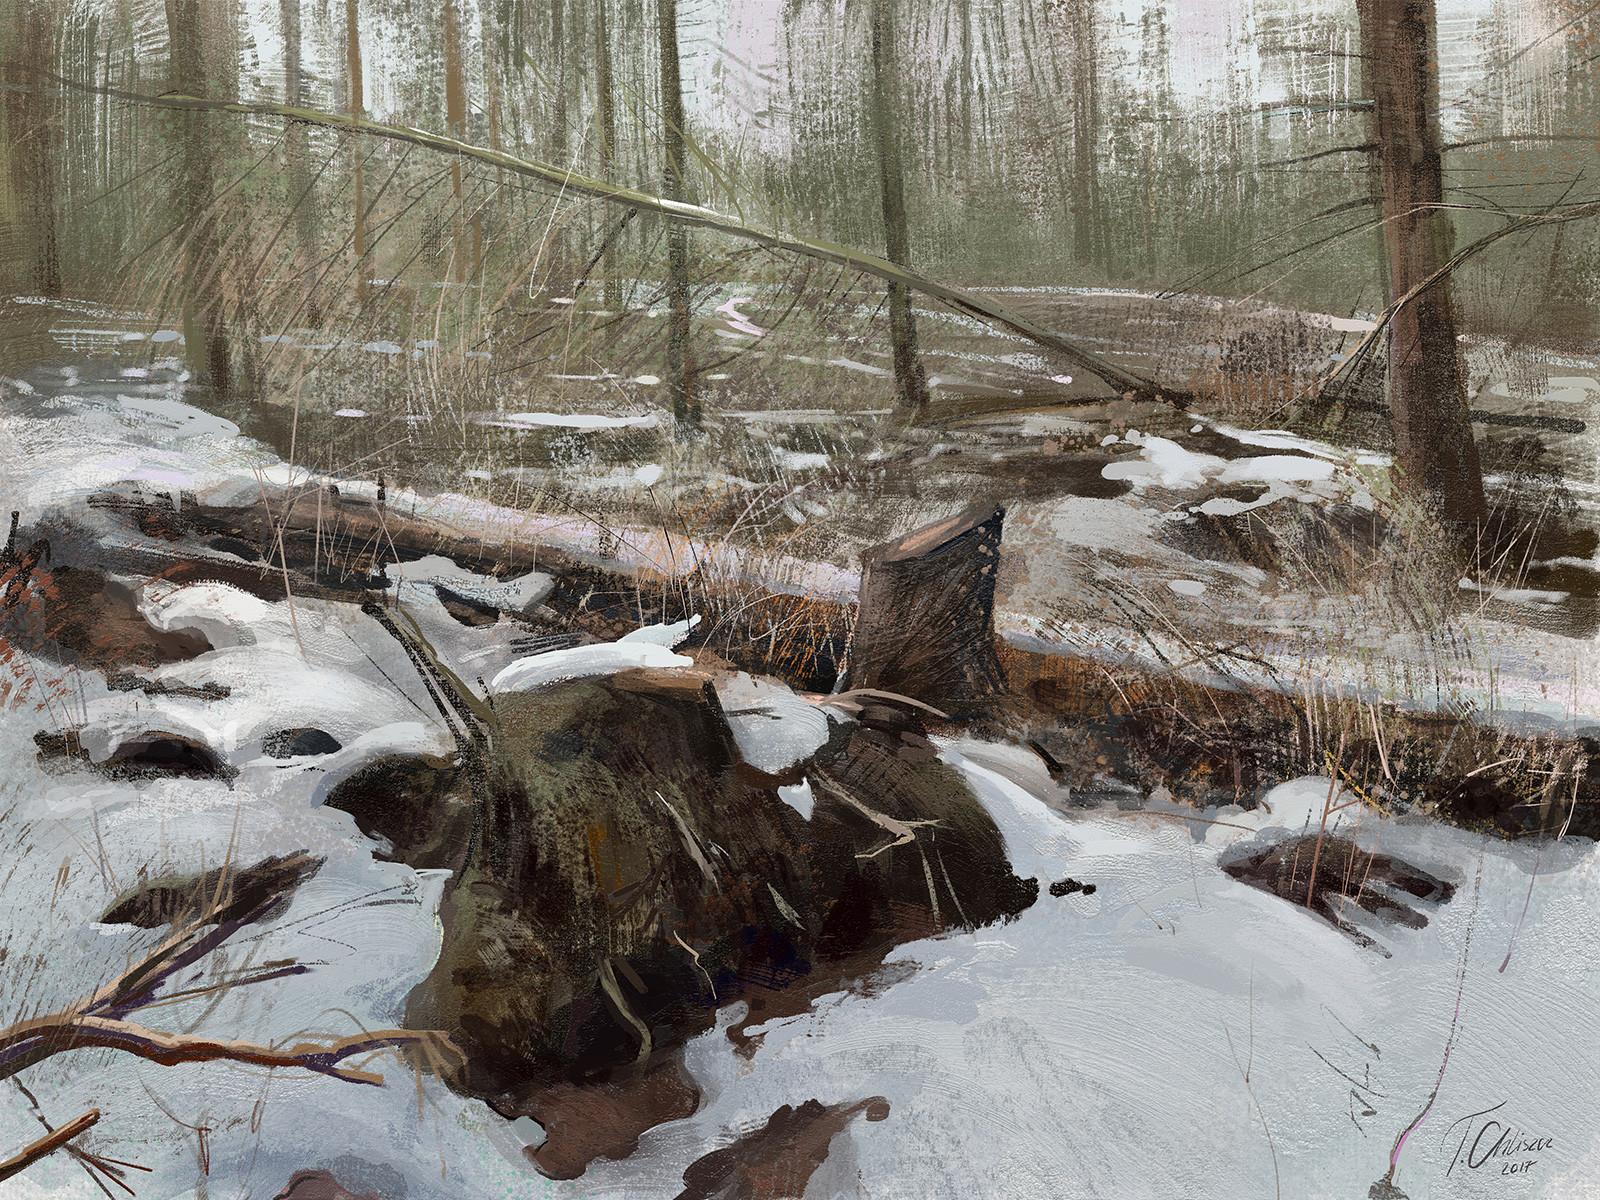 Tymoteusz chliszcz landscape34 by chliszcz